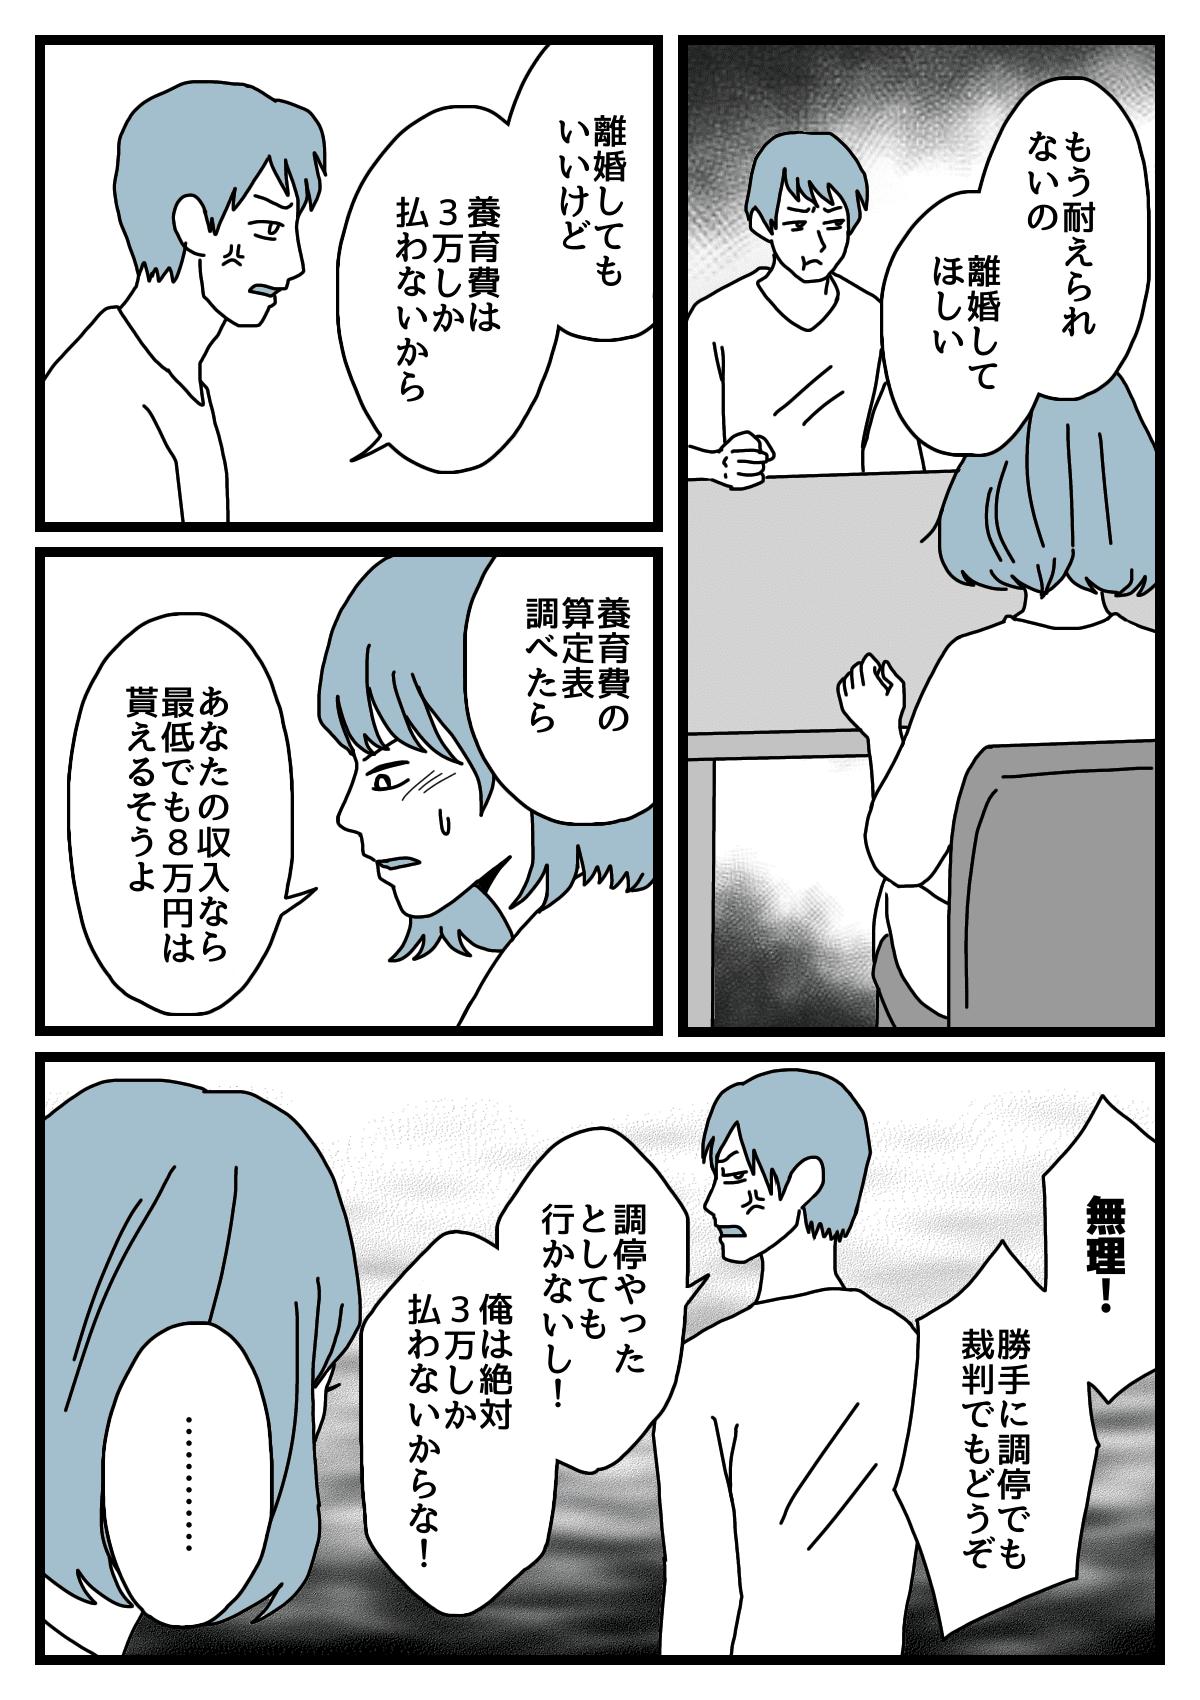 【後編】束縛1